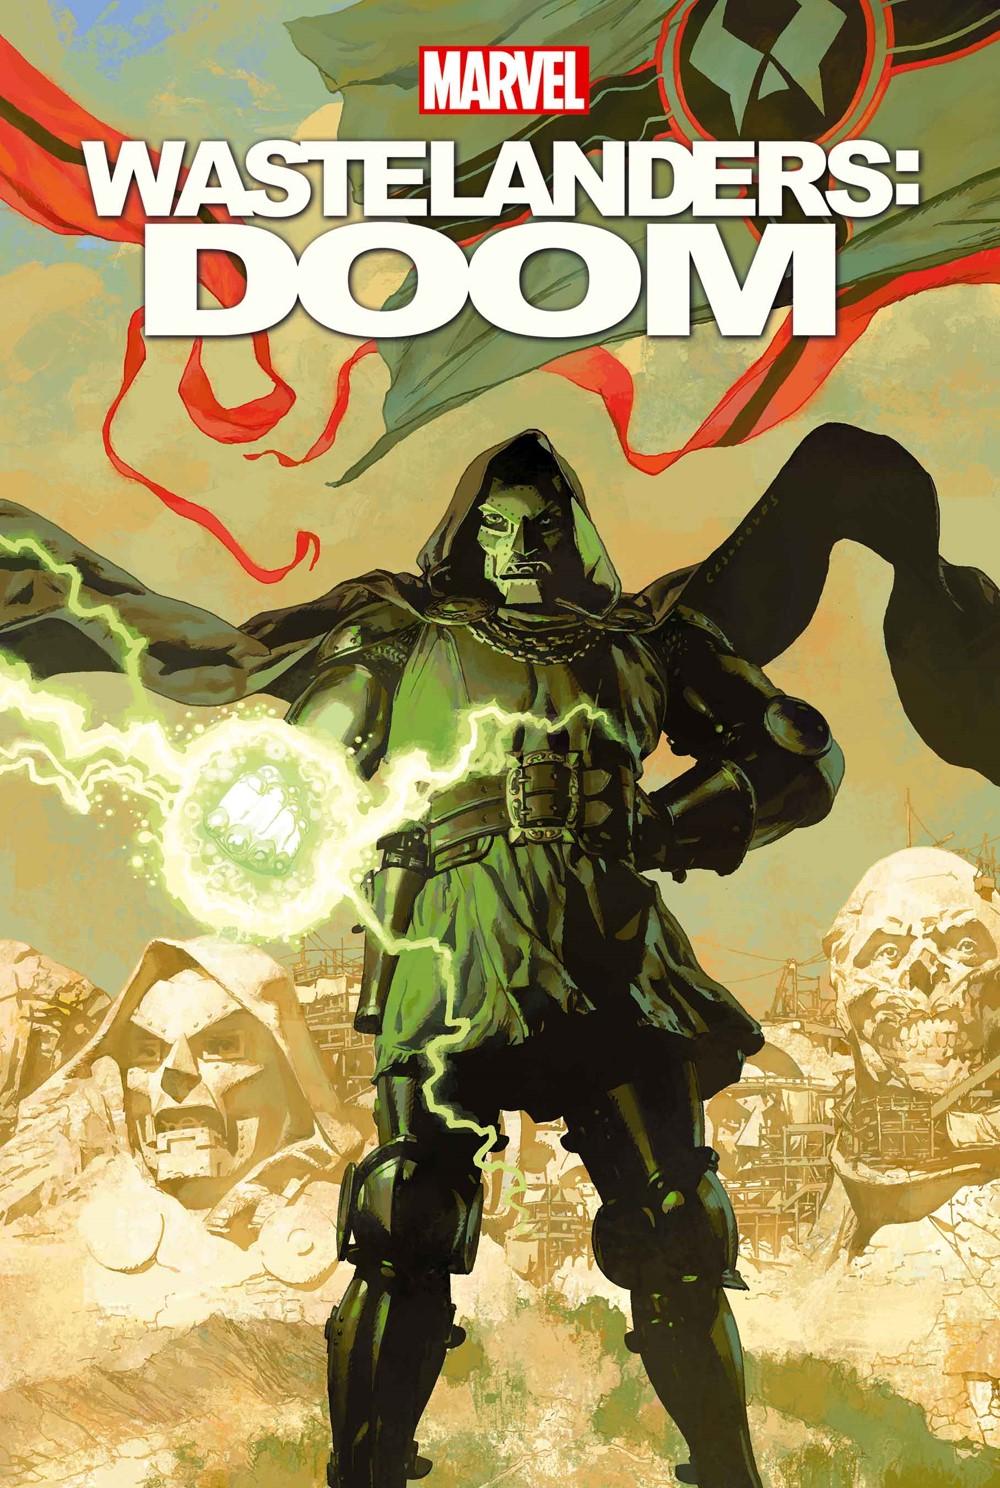 WASTELDOOM2021001-1 Marvel Comics December 2021 Solicitations